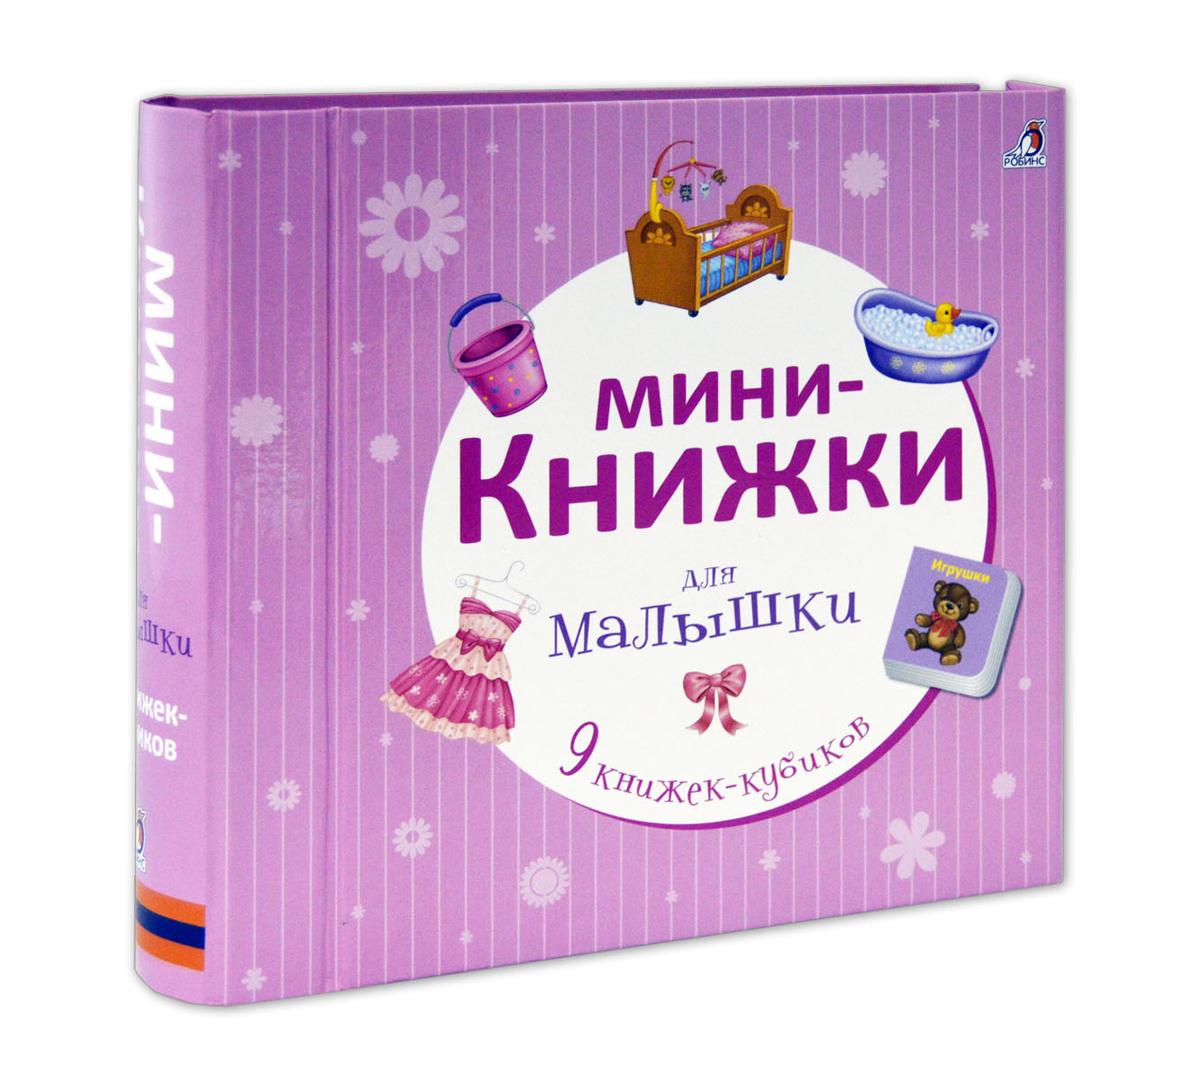 Мини-книжки для малышки (комплект из 9 книжек-кубиков)